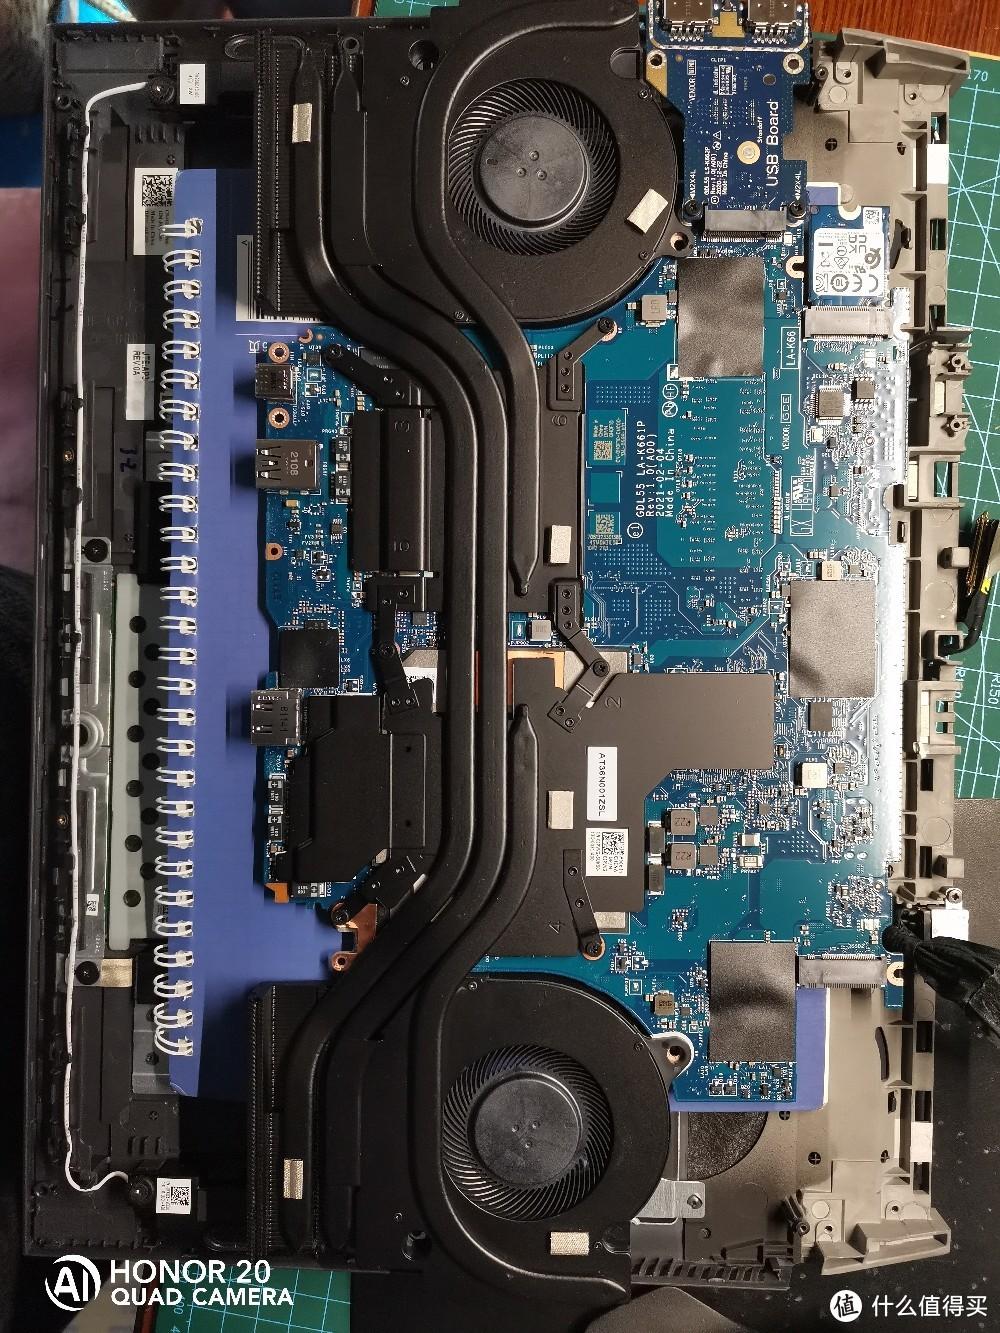 散热器跟AMD差别不大,反正就是160W的水平。